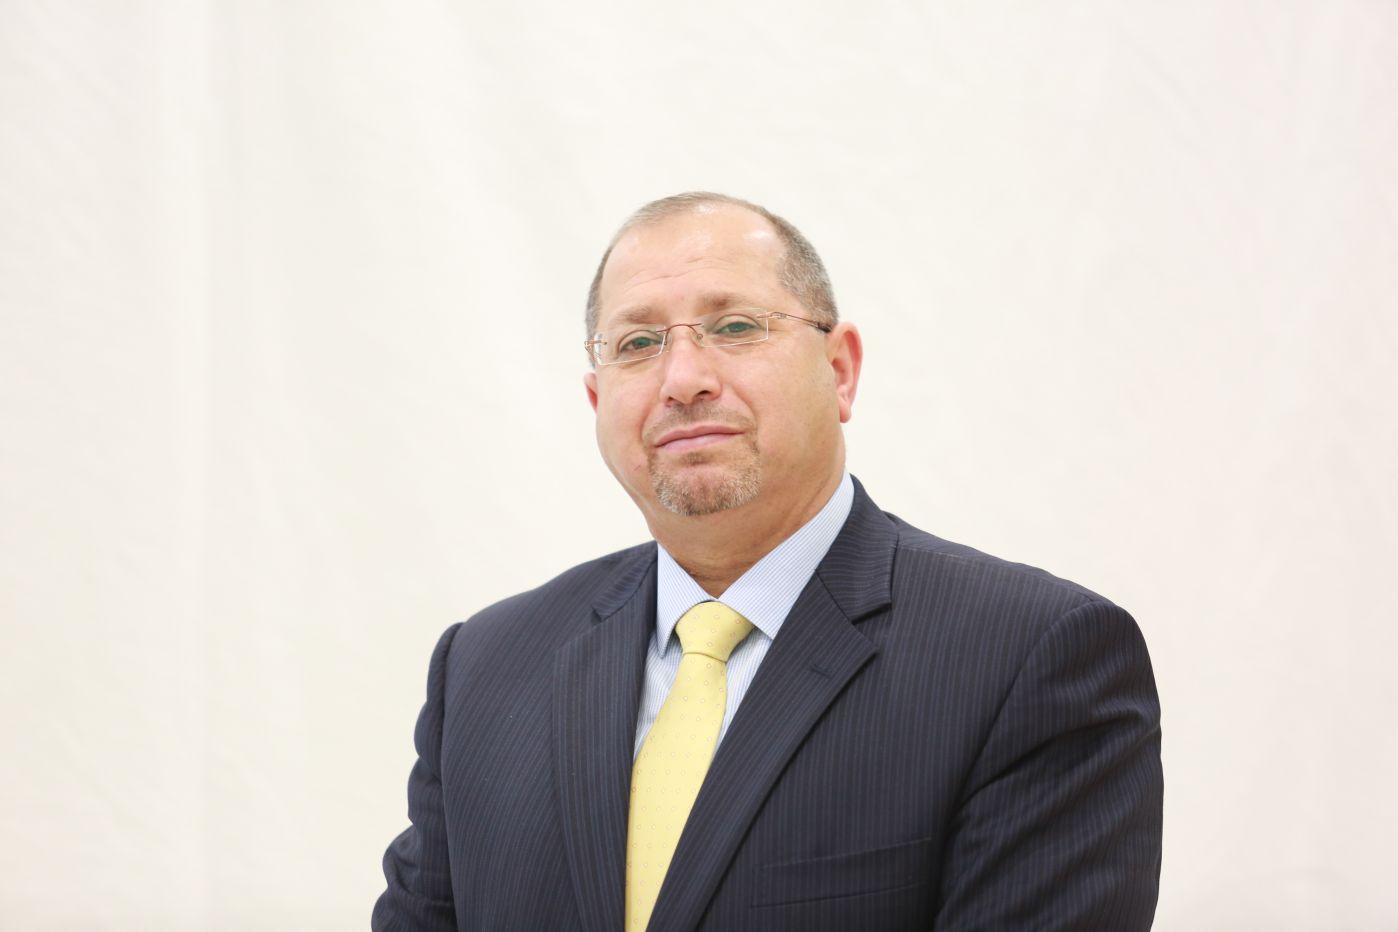 المدير الإقليمي لمنطقة الجنوب وقطاع غزة